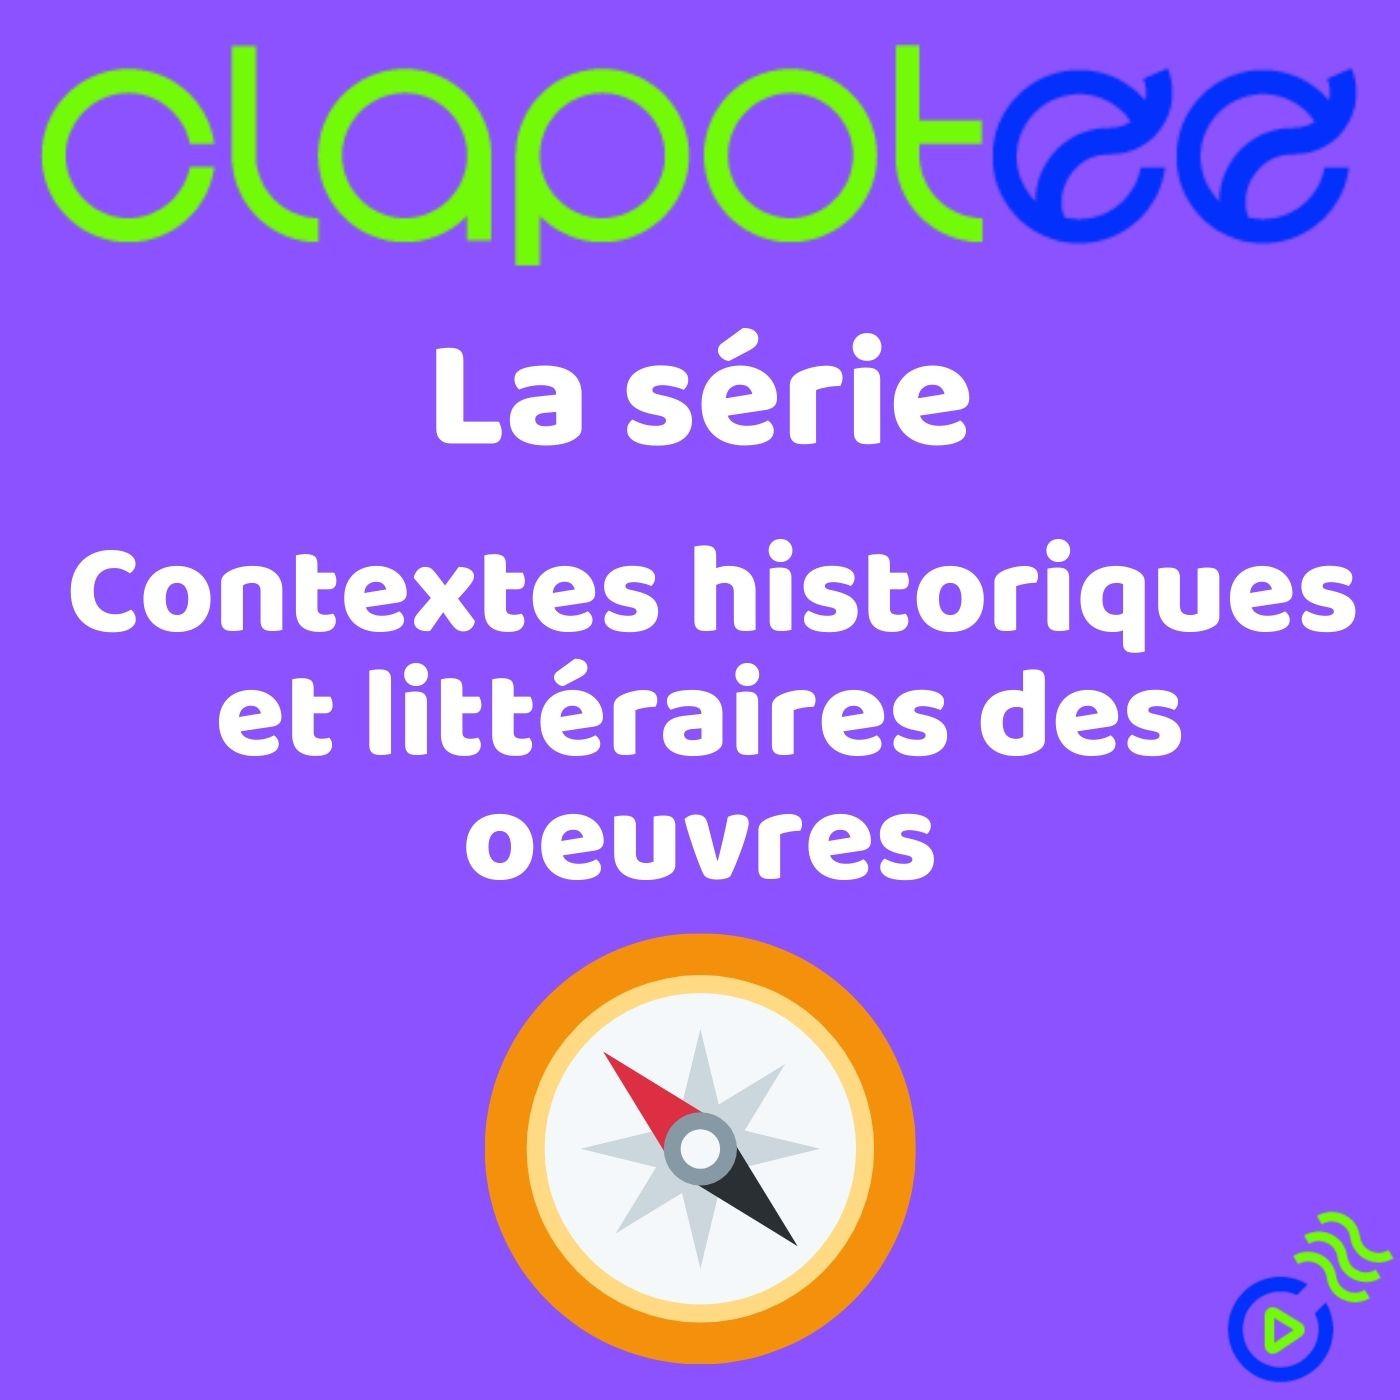 FRANÇAIS - Contextes historiques et littéraires des œuvres intégrales